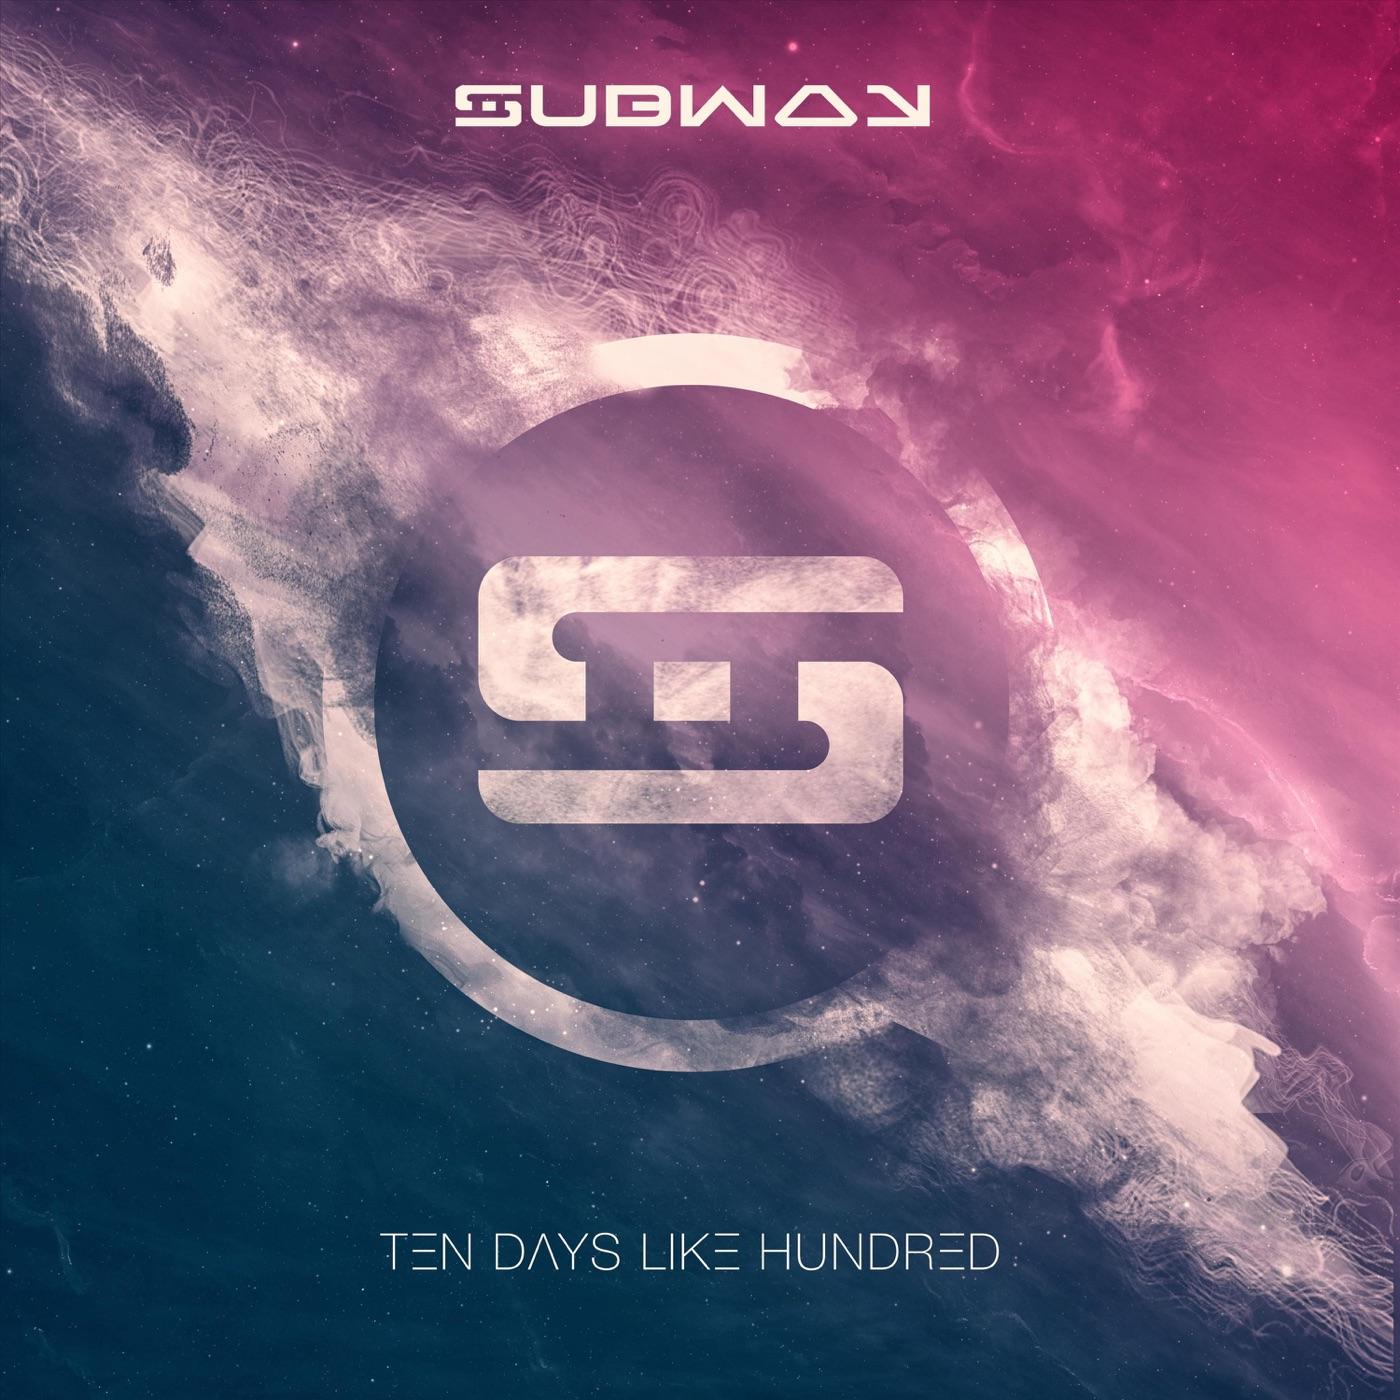 Subway - Ten Days Like Hundred (2018)